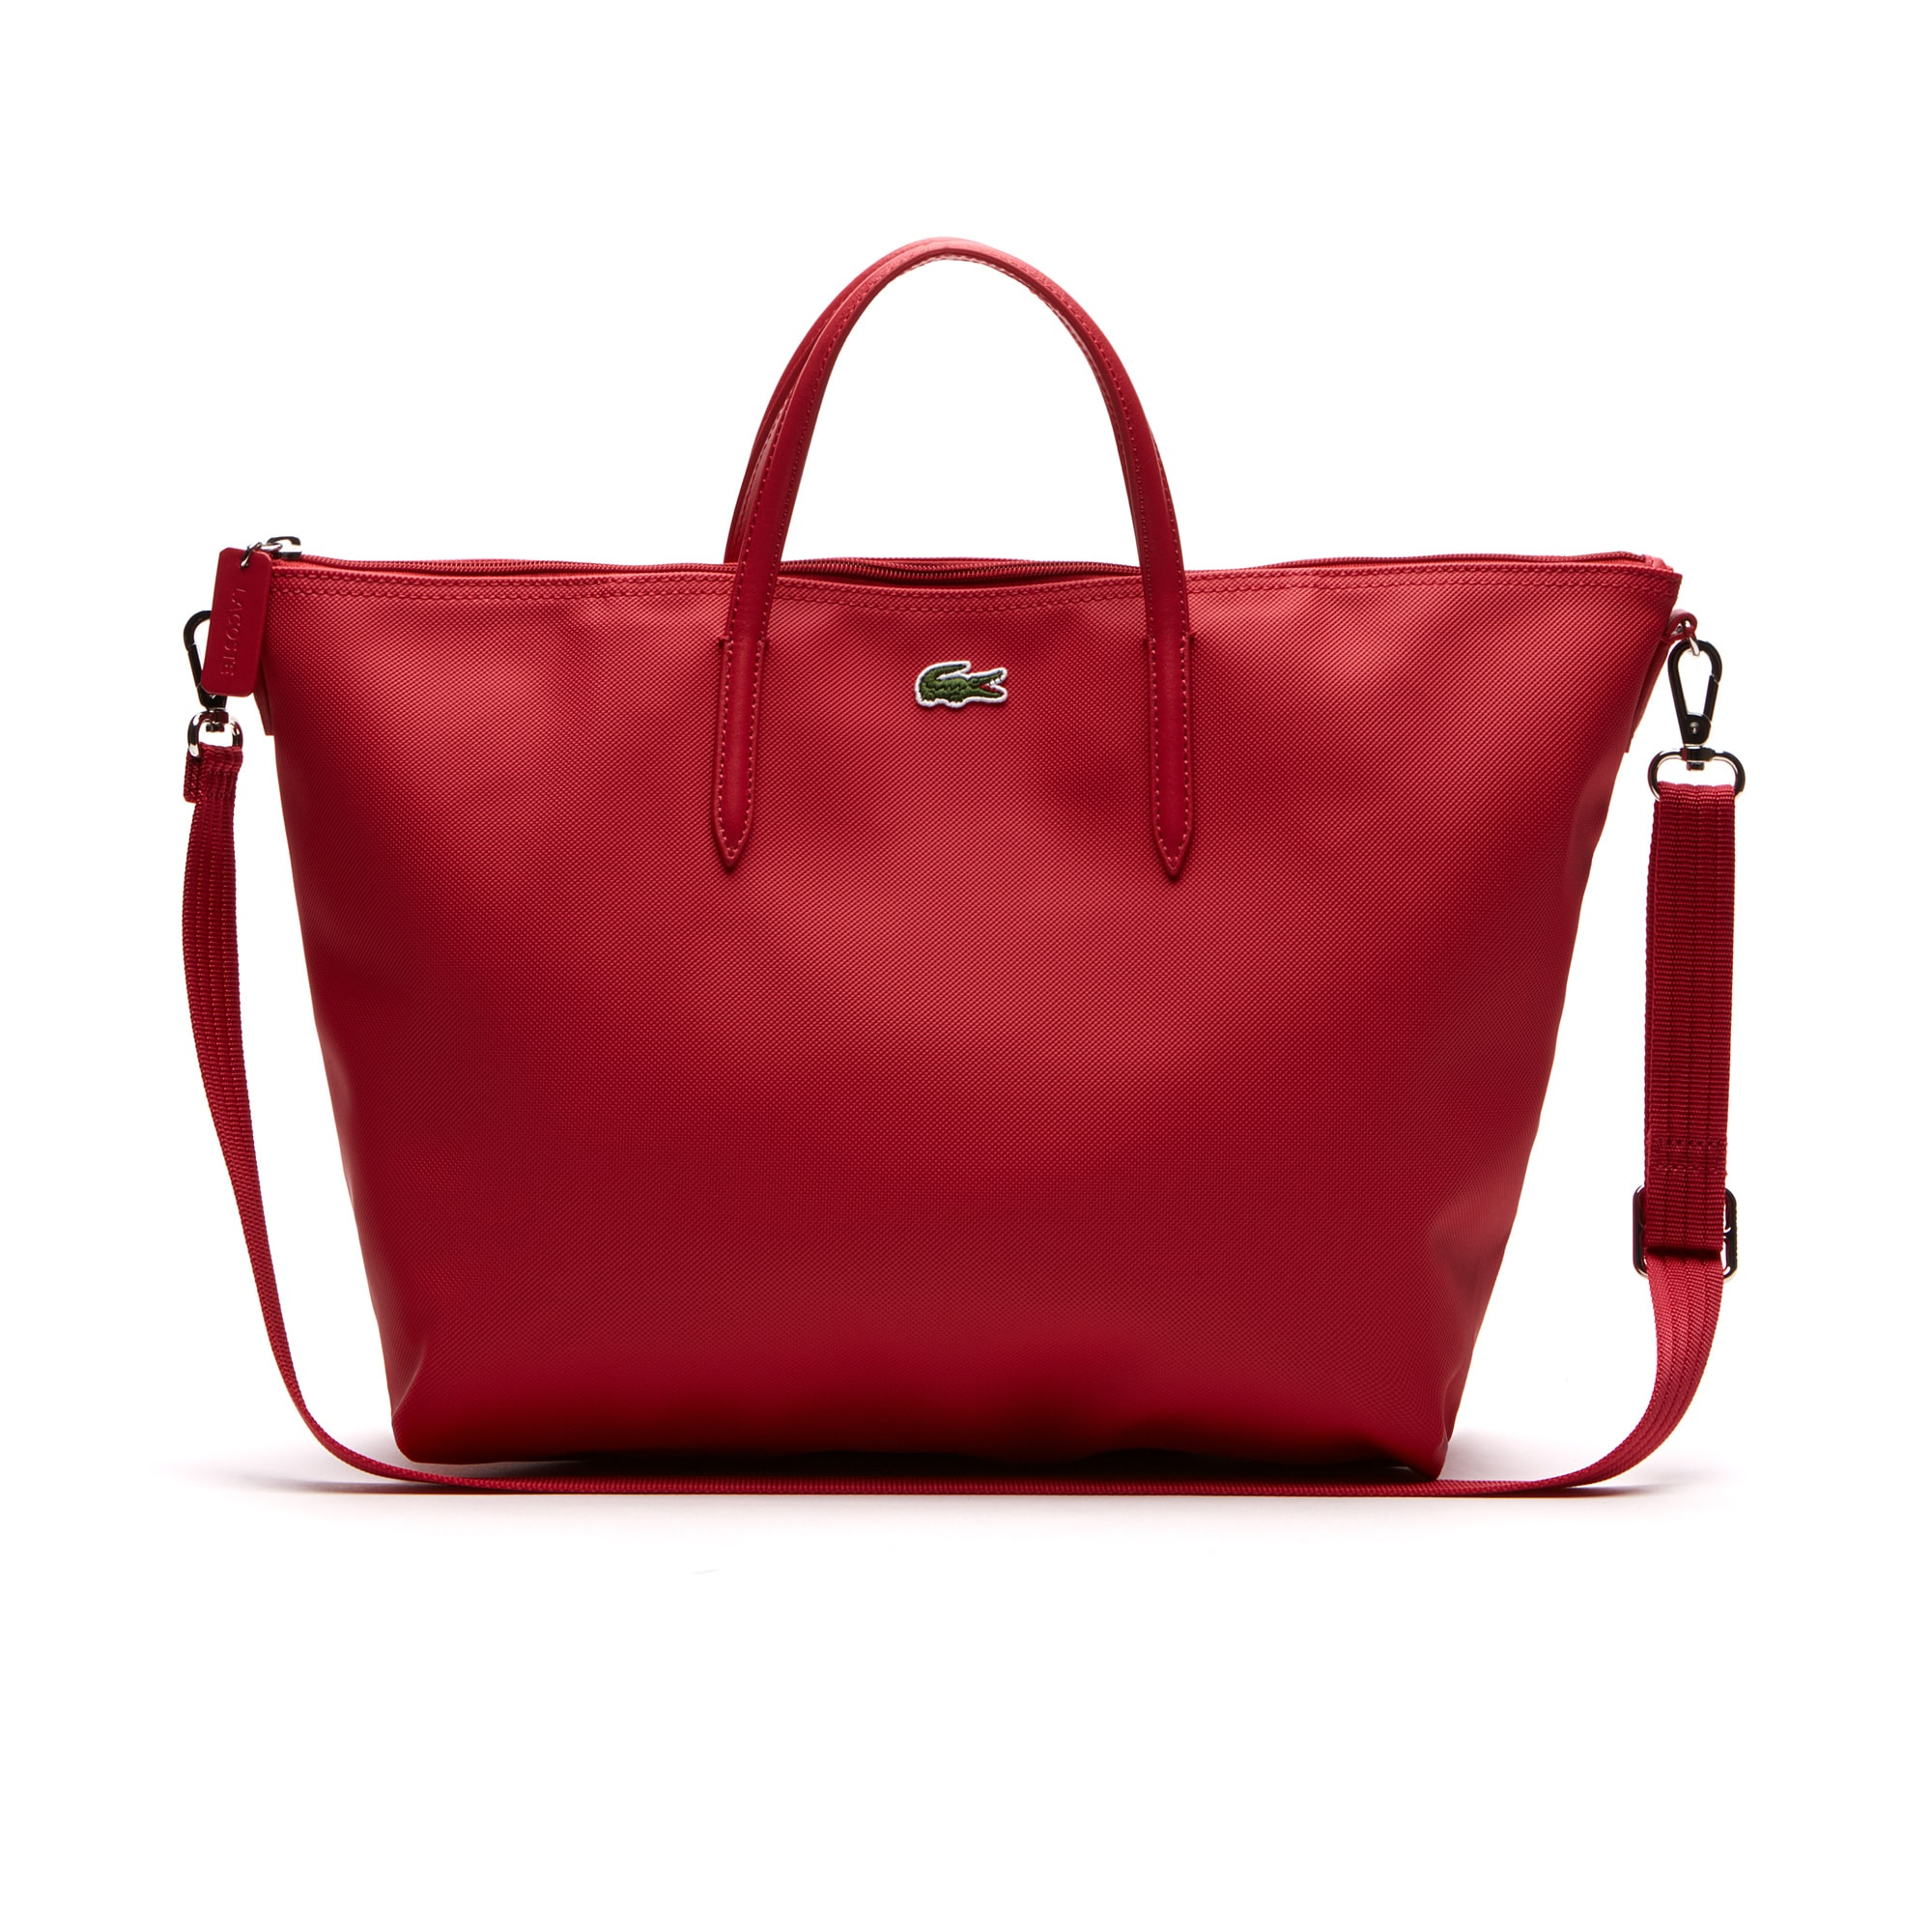 Shopping bag con zip a doppia modalità d'uso L.12.12 Concept tinta unita